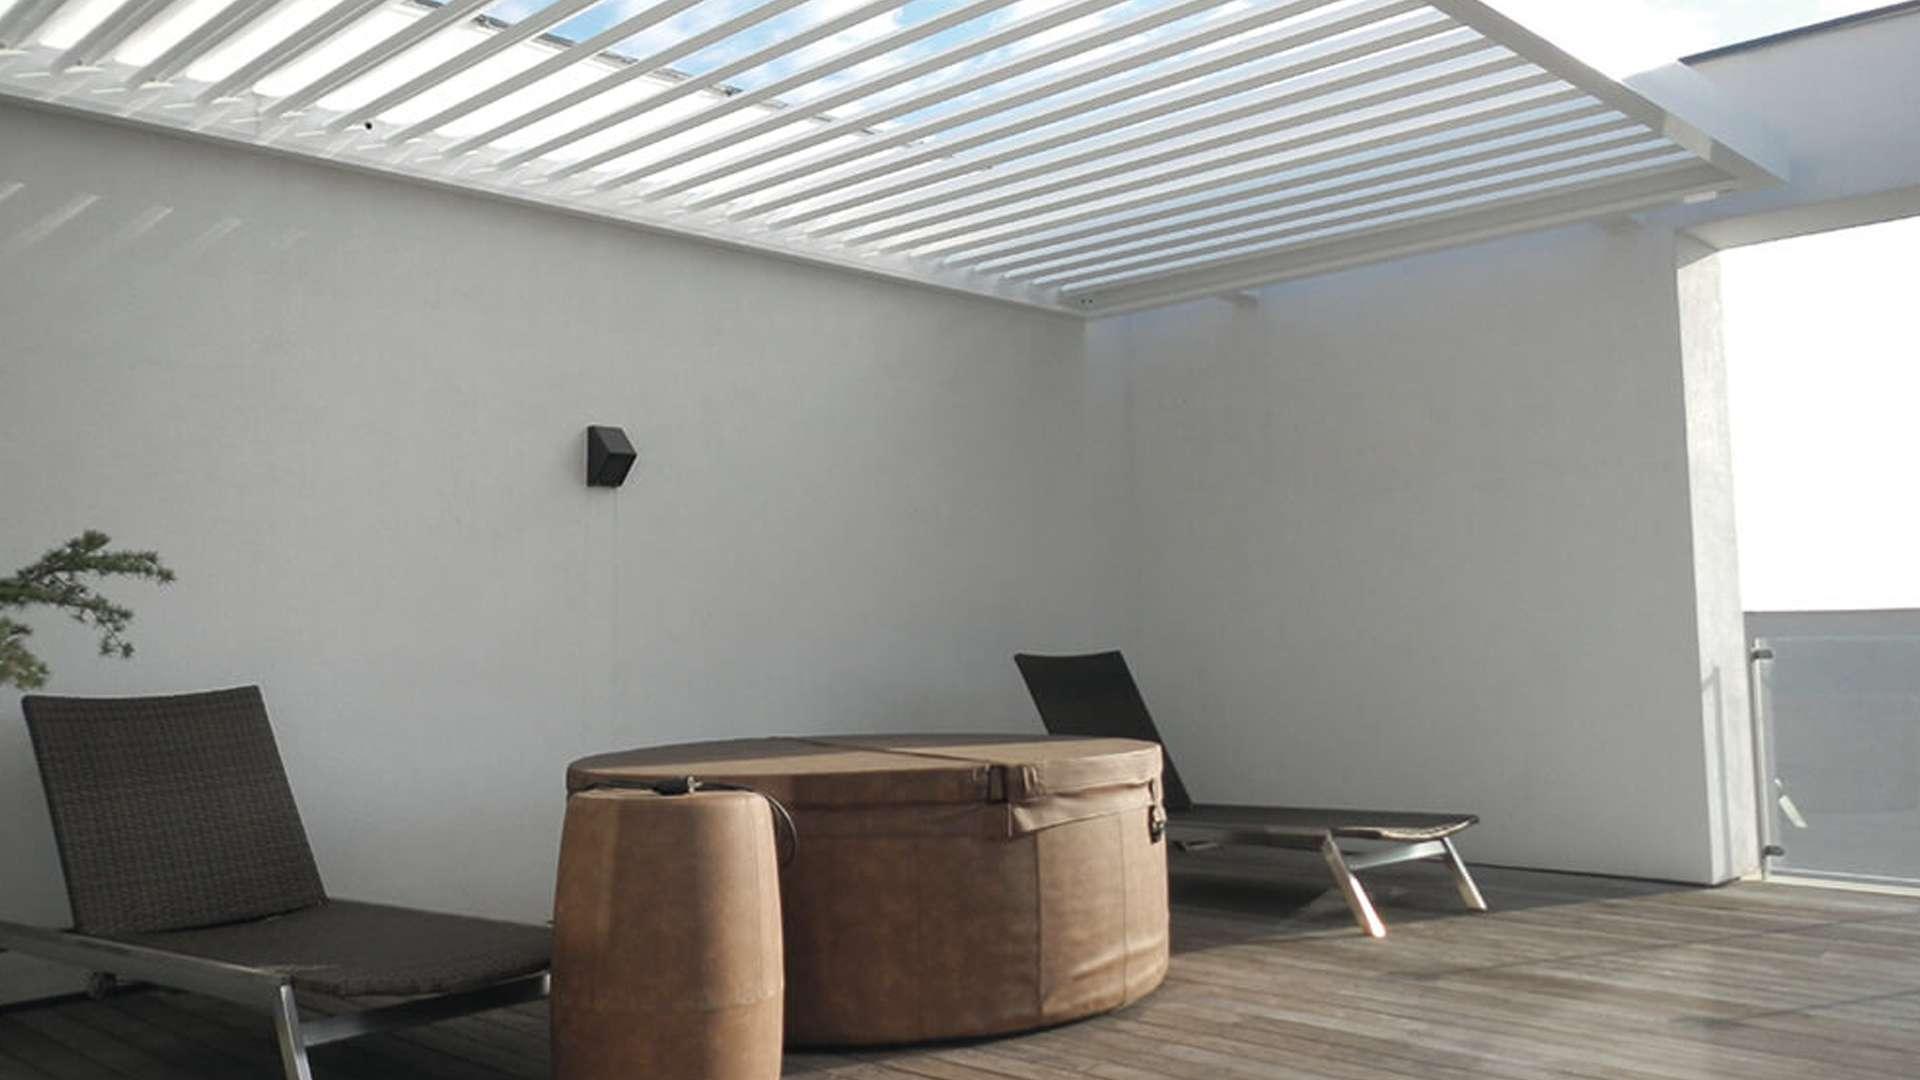 Innenansicht eines Aero Lamellendachs mit zwei Liegestühlen